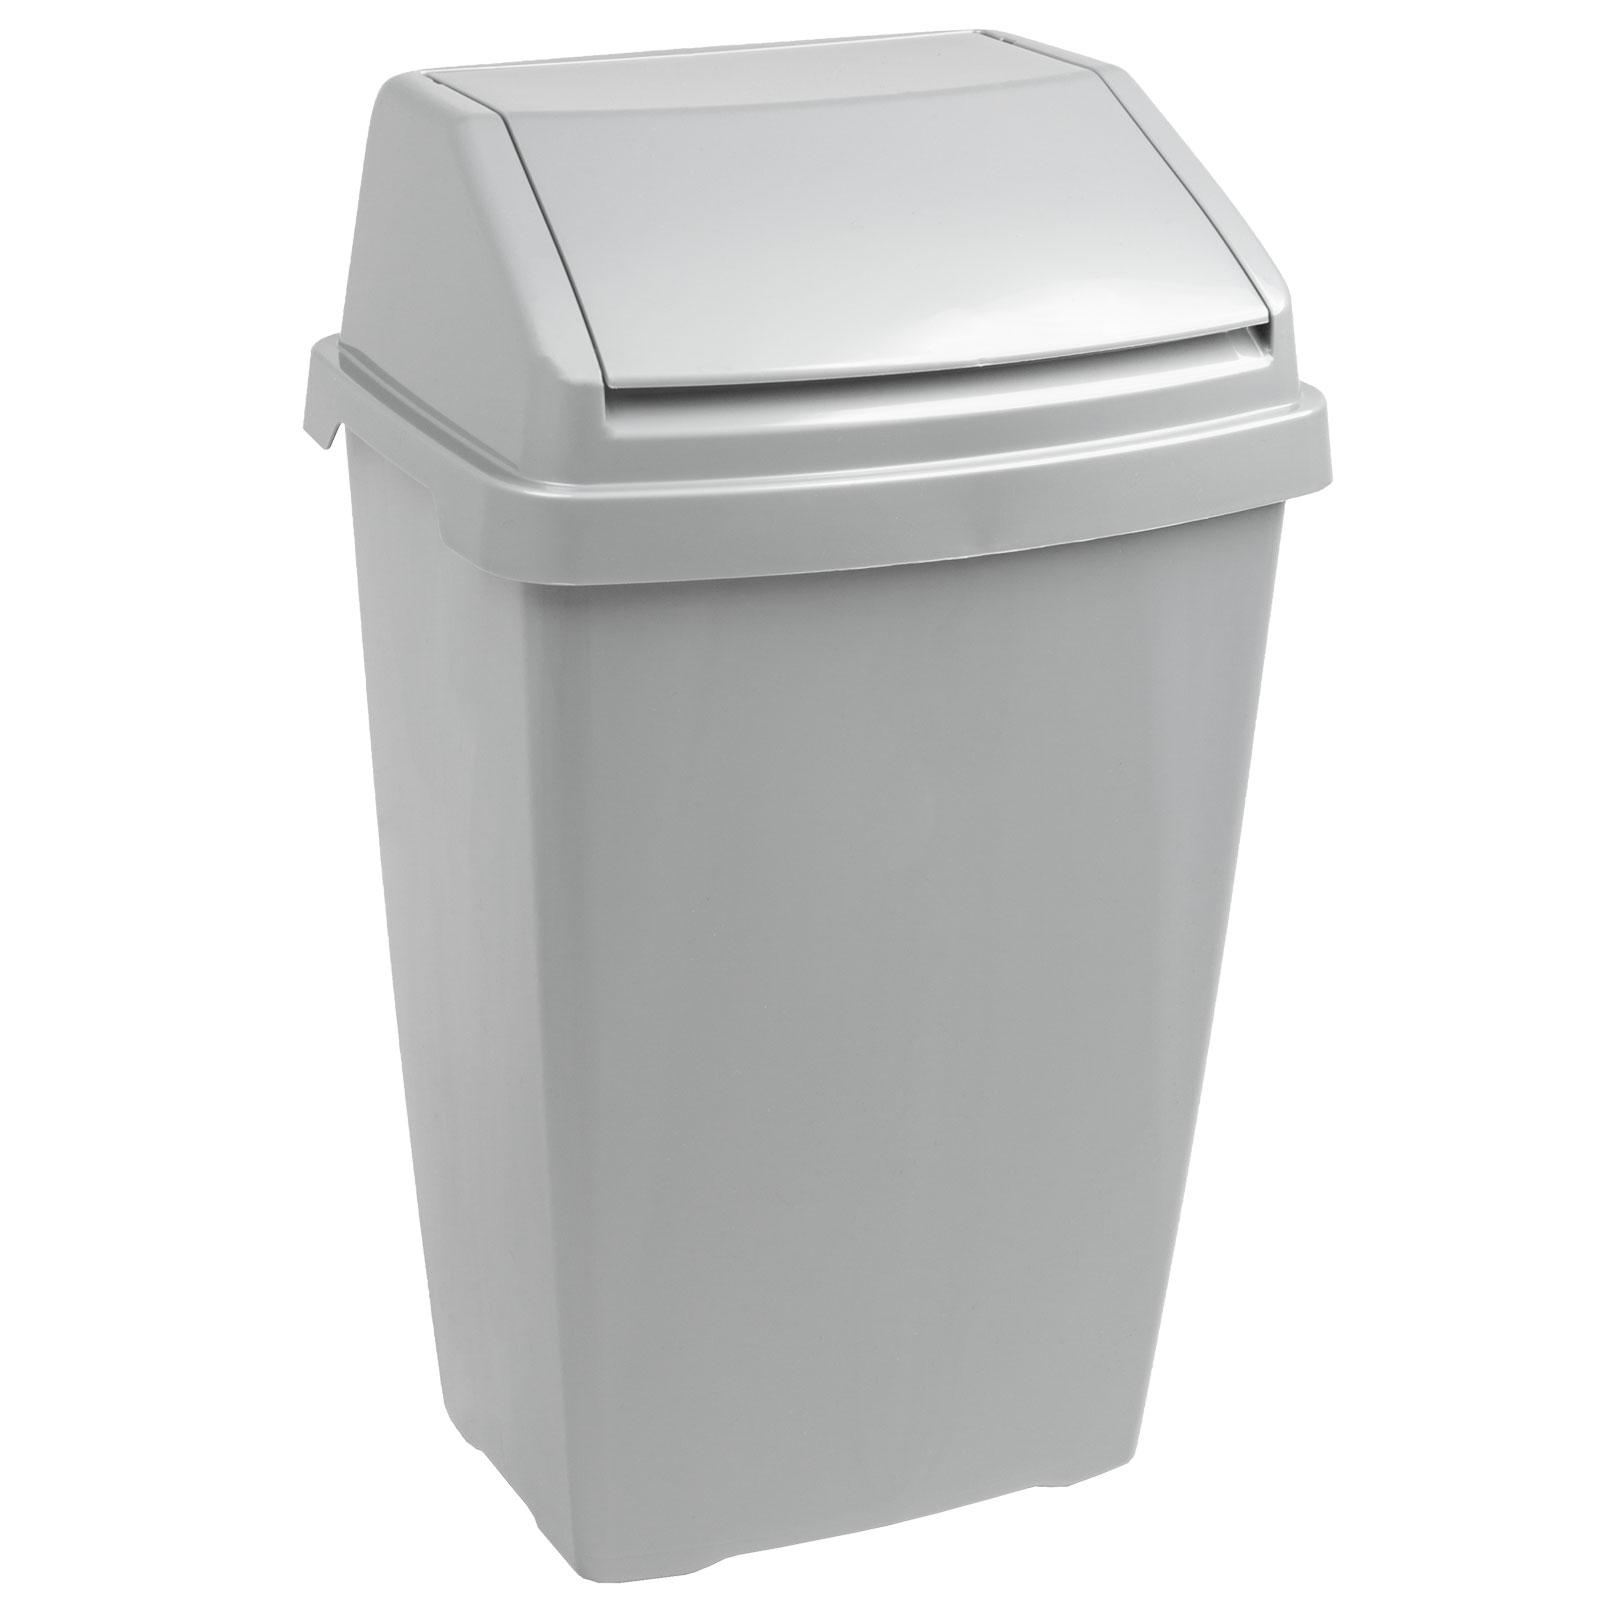 Hausmüll Holzmaserung Mülleimer Papierkorb  Recycling Container Abfalleimer 10L